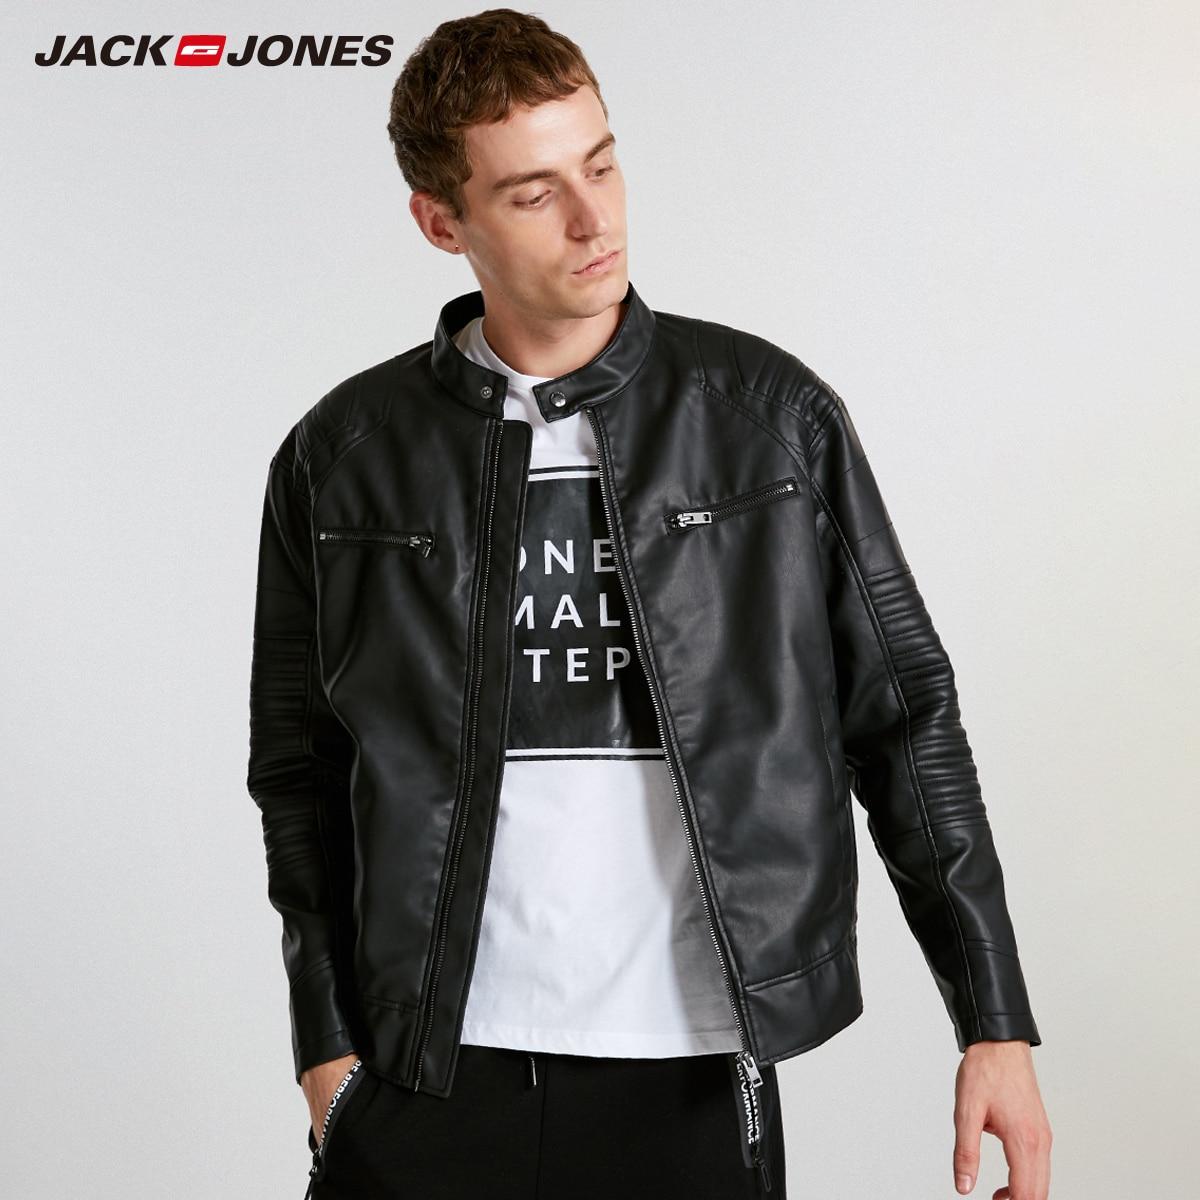 JackJones hommes à capuche en cuir PU veste Slim fit décontracté manteau vêtements mode Biker Hoodies homme 218321558-in Manteaux en cuir simili from Vêtements homme    1